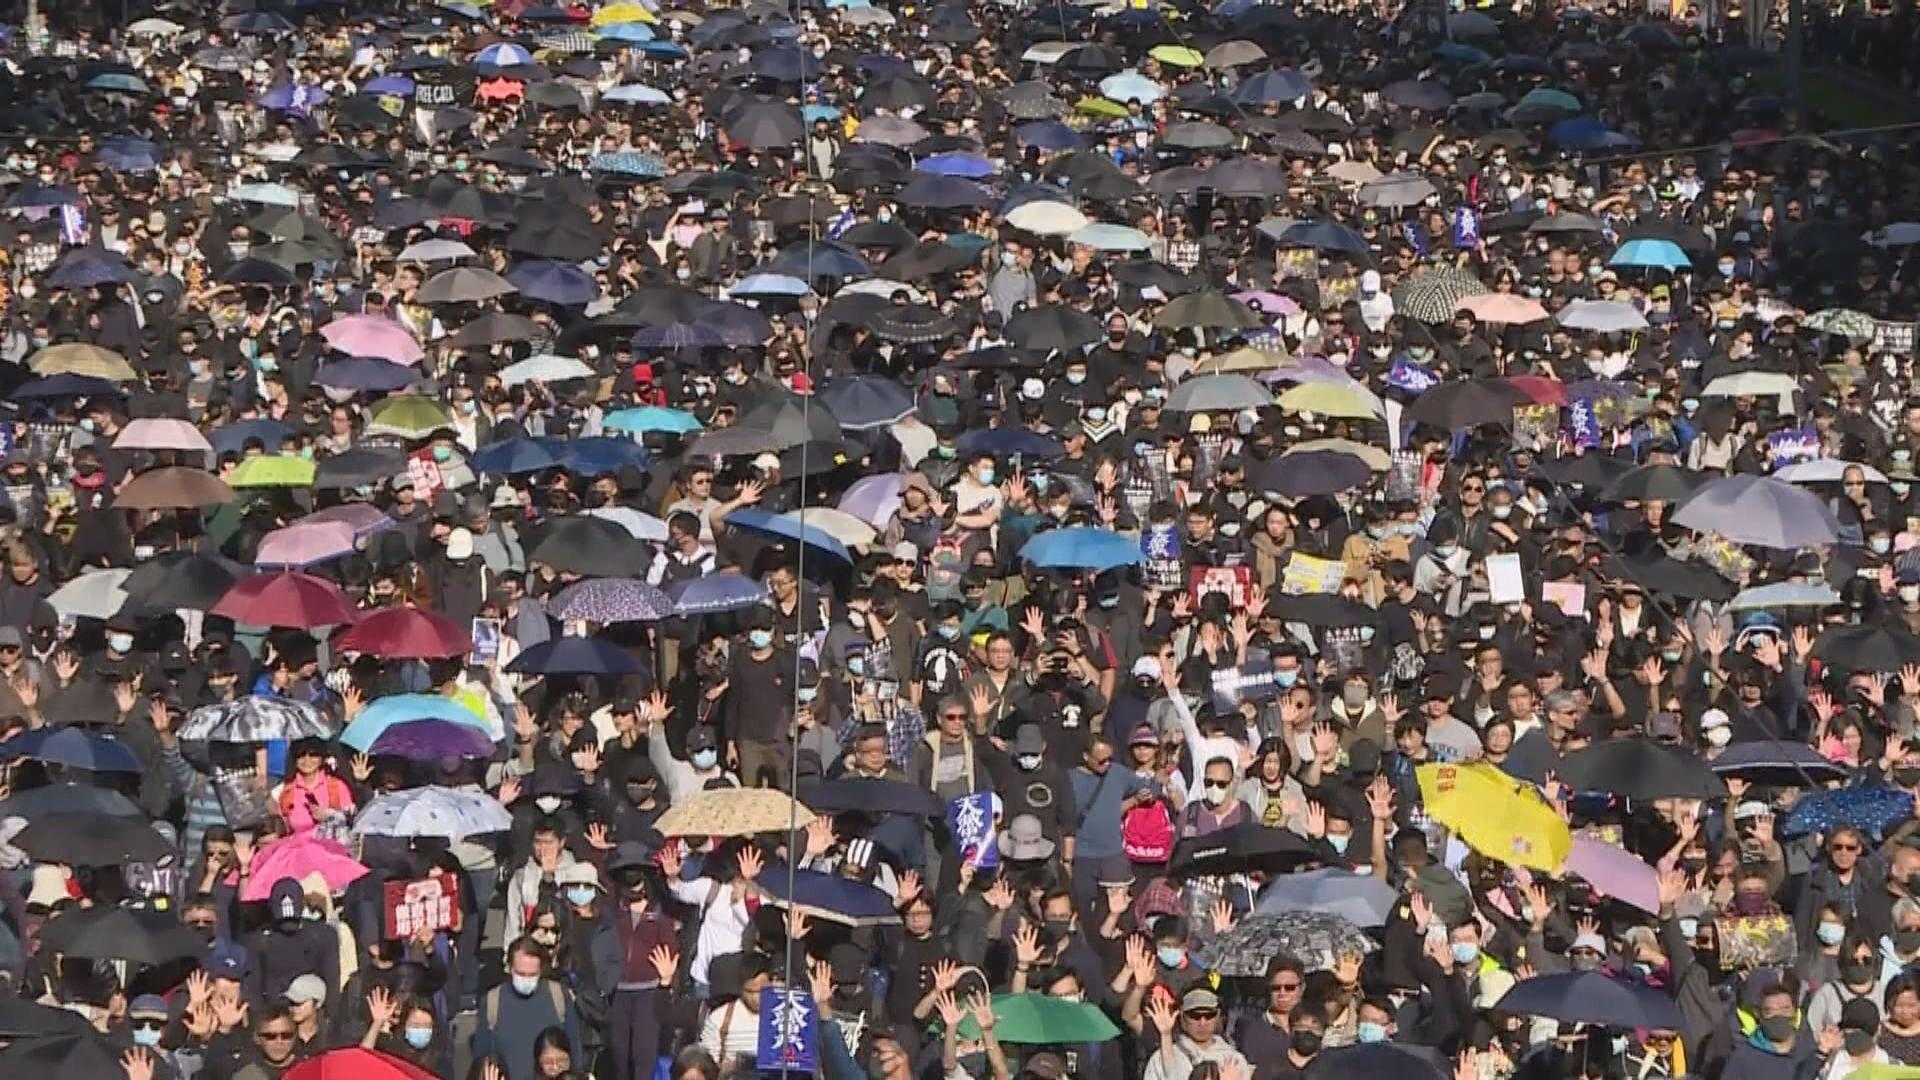 民陣:約80萬人參與遊行 警方:最高峰18.3萬人